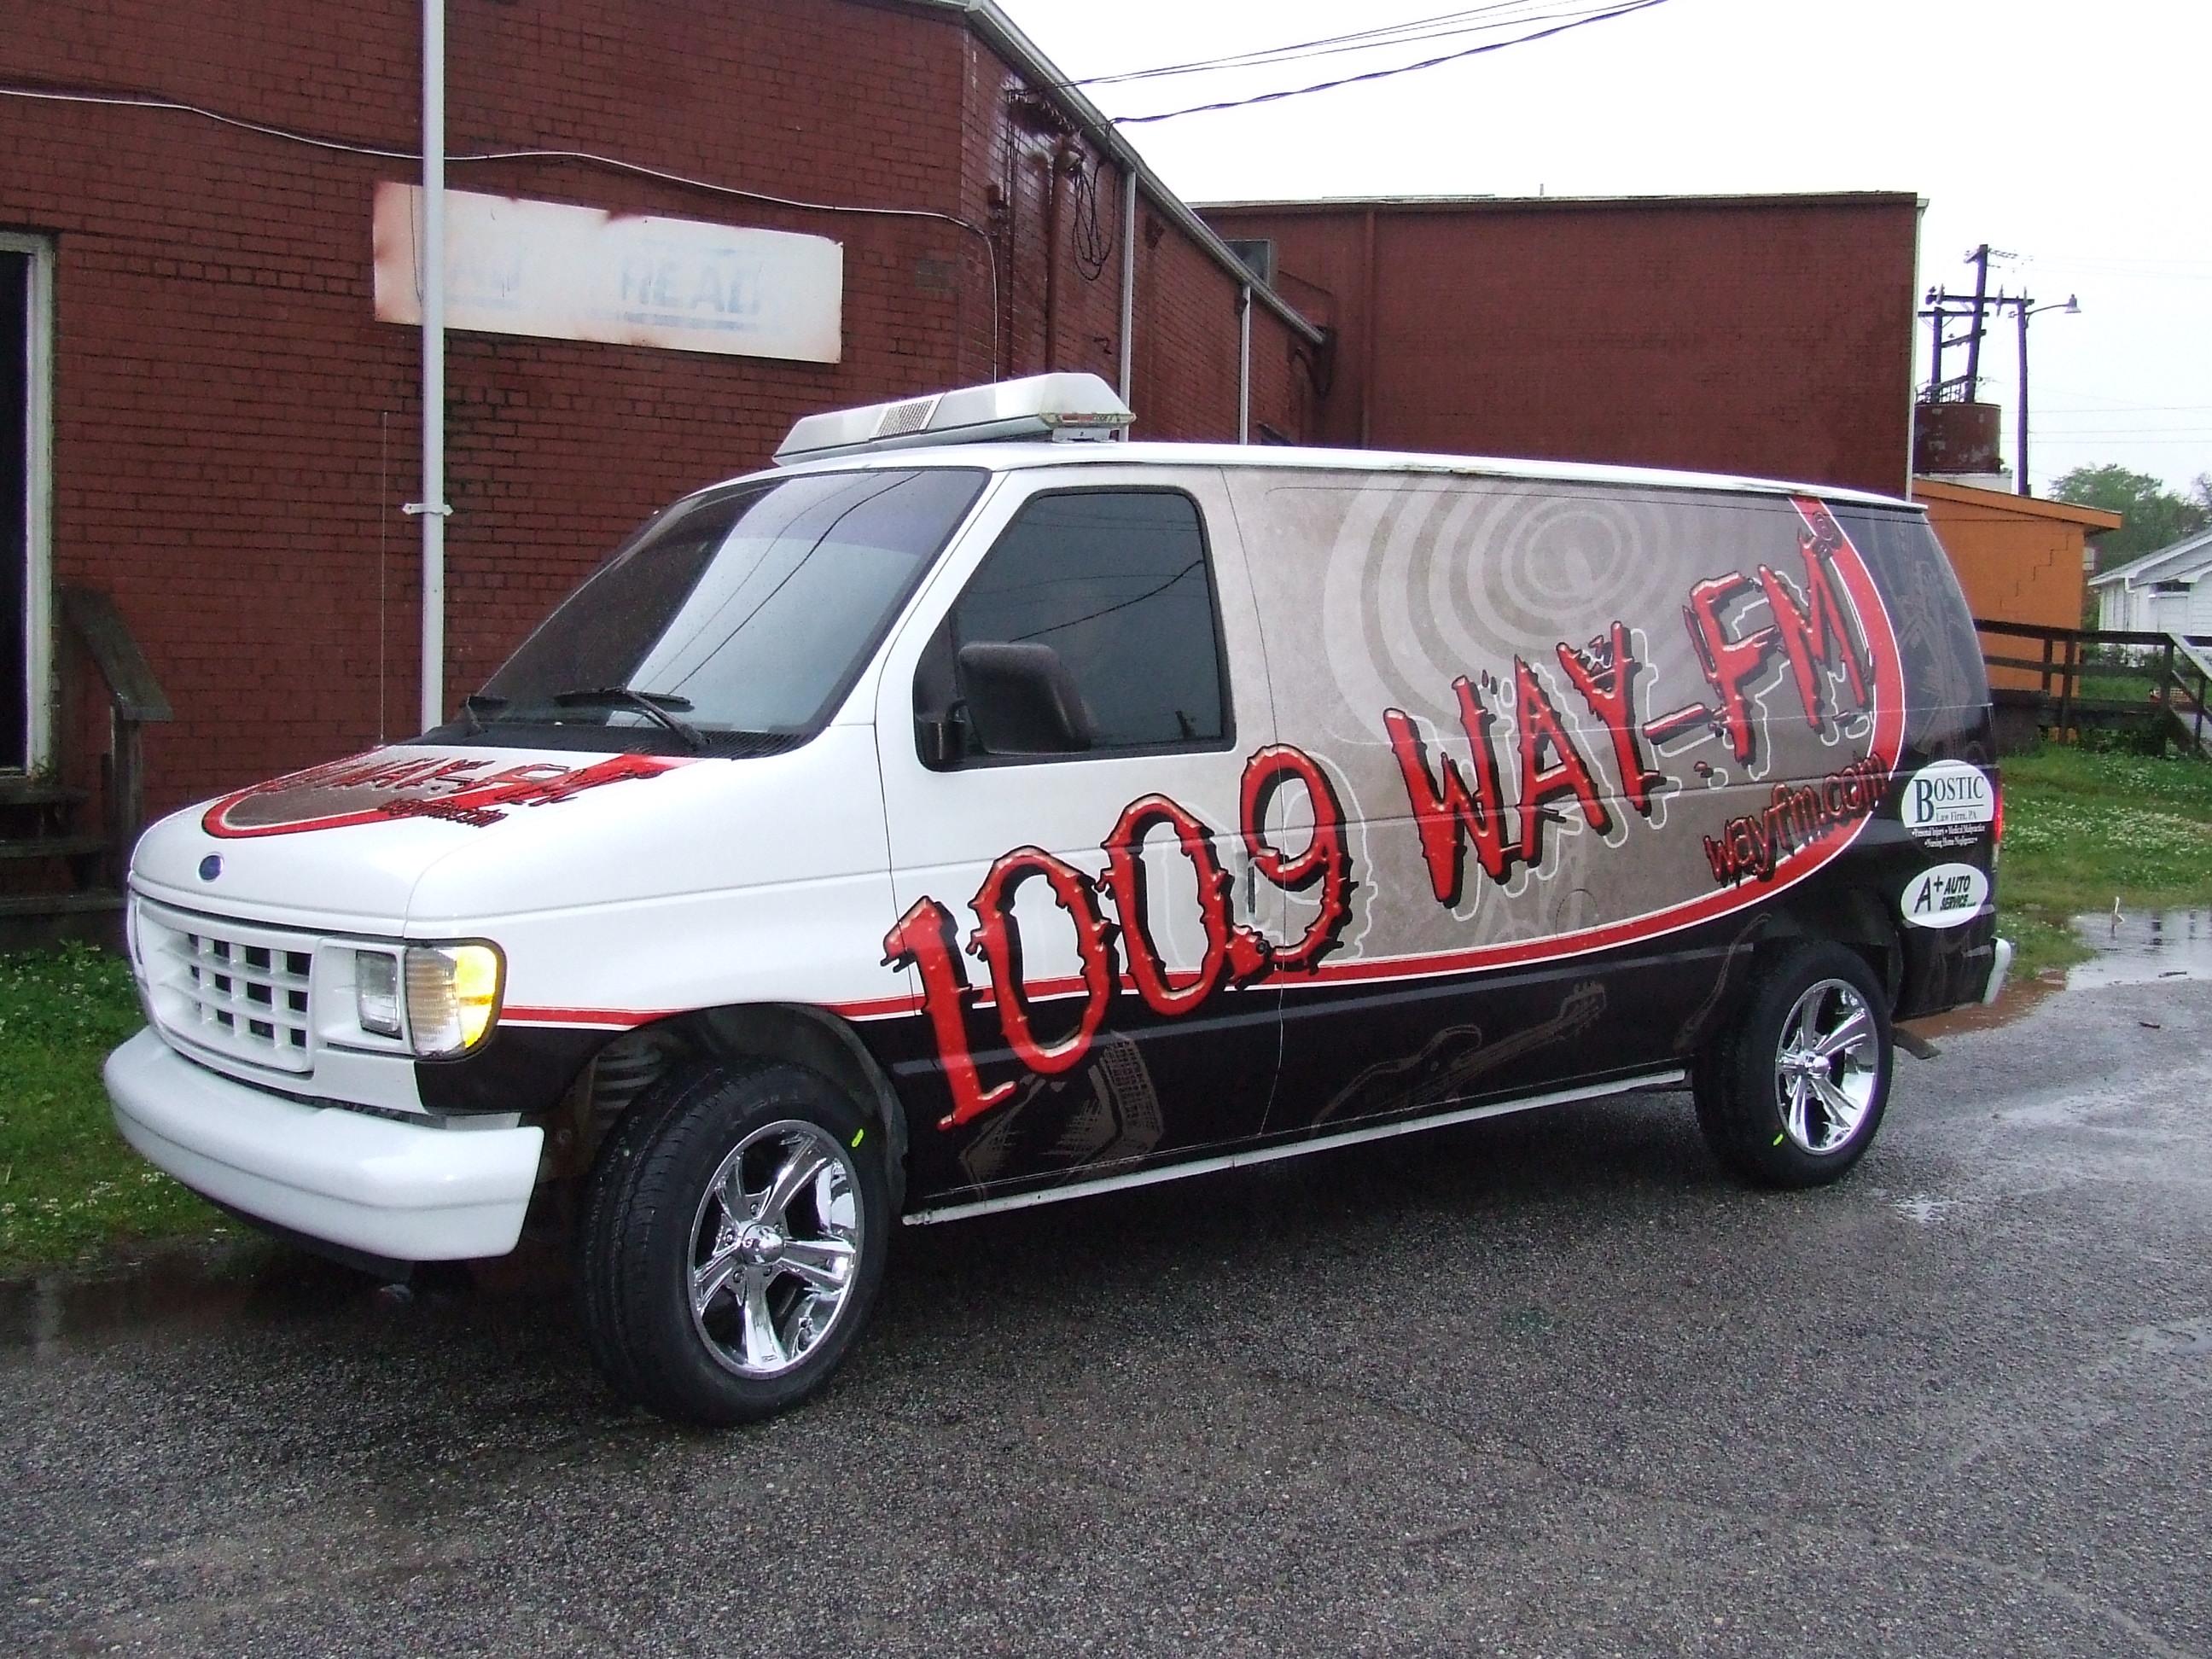 100.9 WayFM